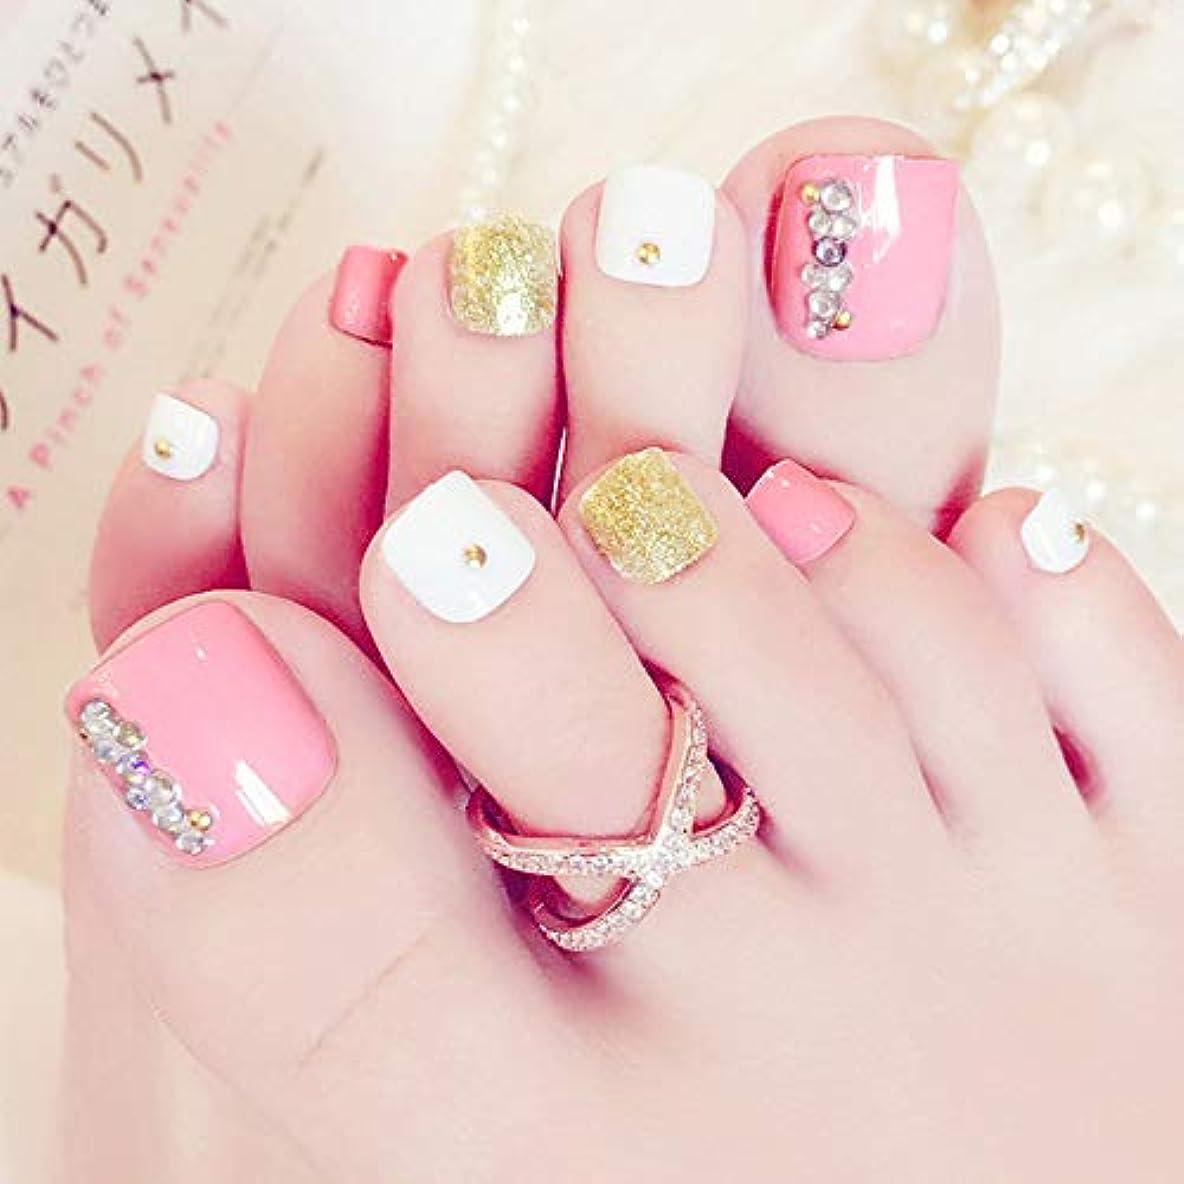 広告主モルヒネ器用XUTXZKA ネイルアートピンクの爪の爪のパッチA完成した爪の偽の爪の爪